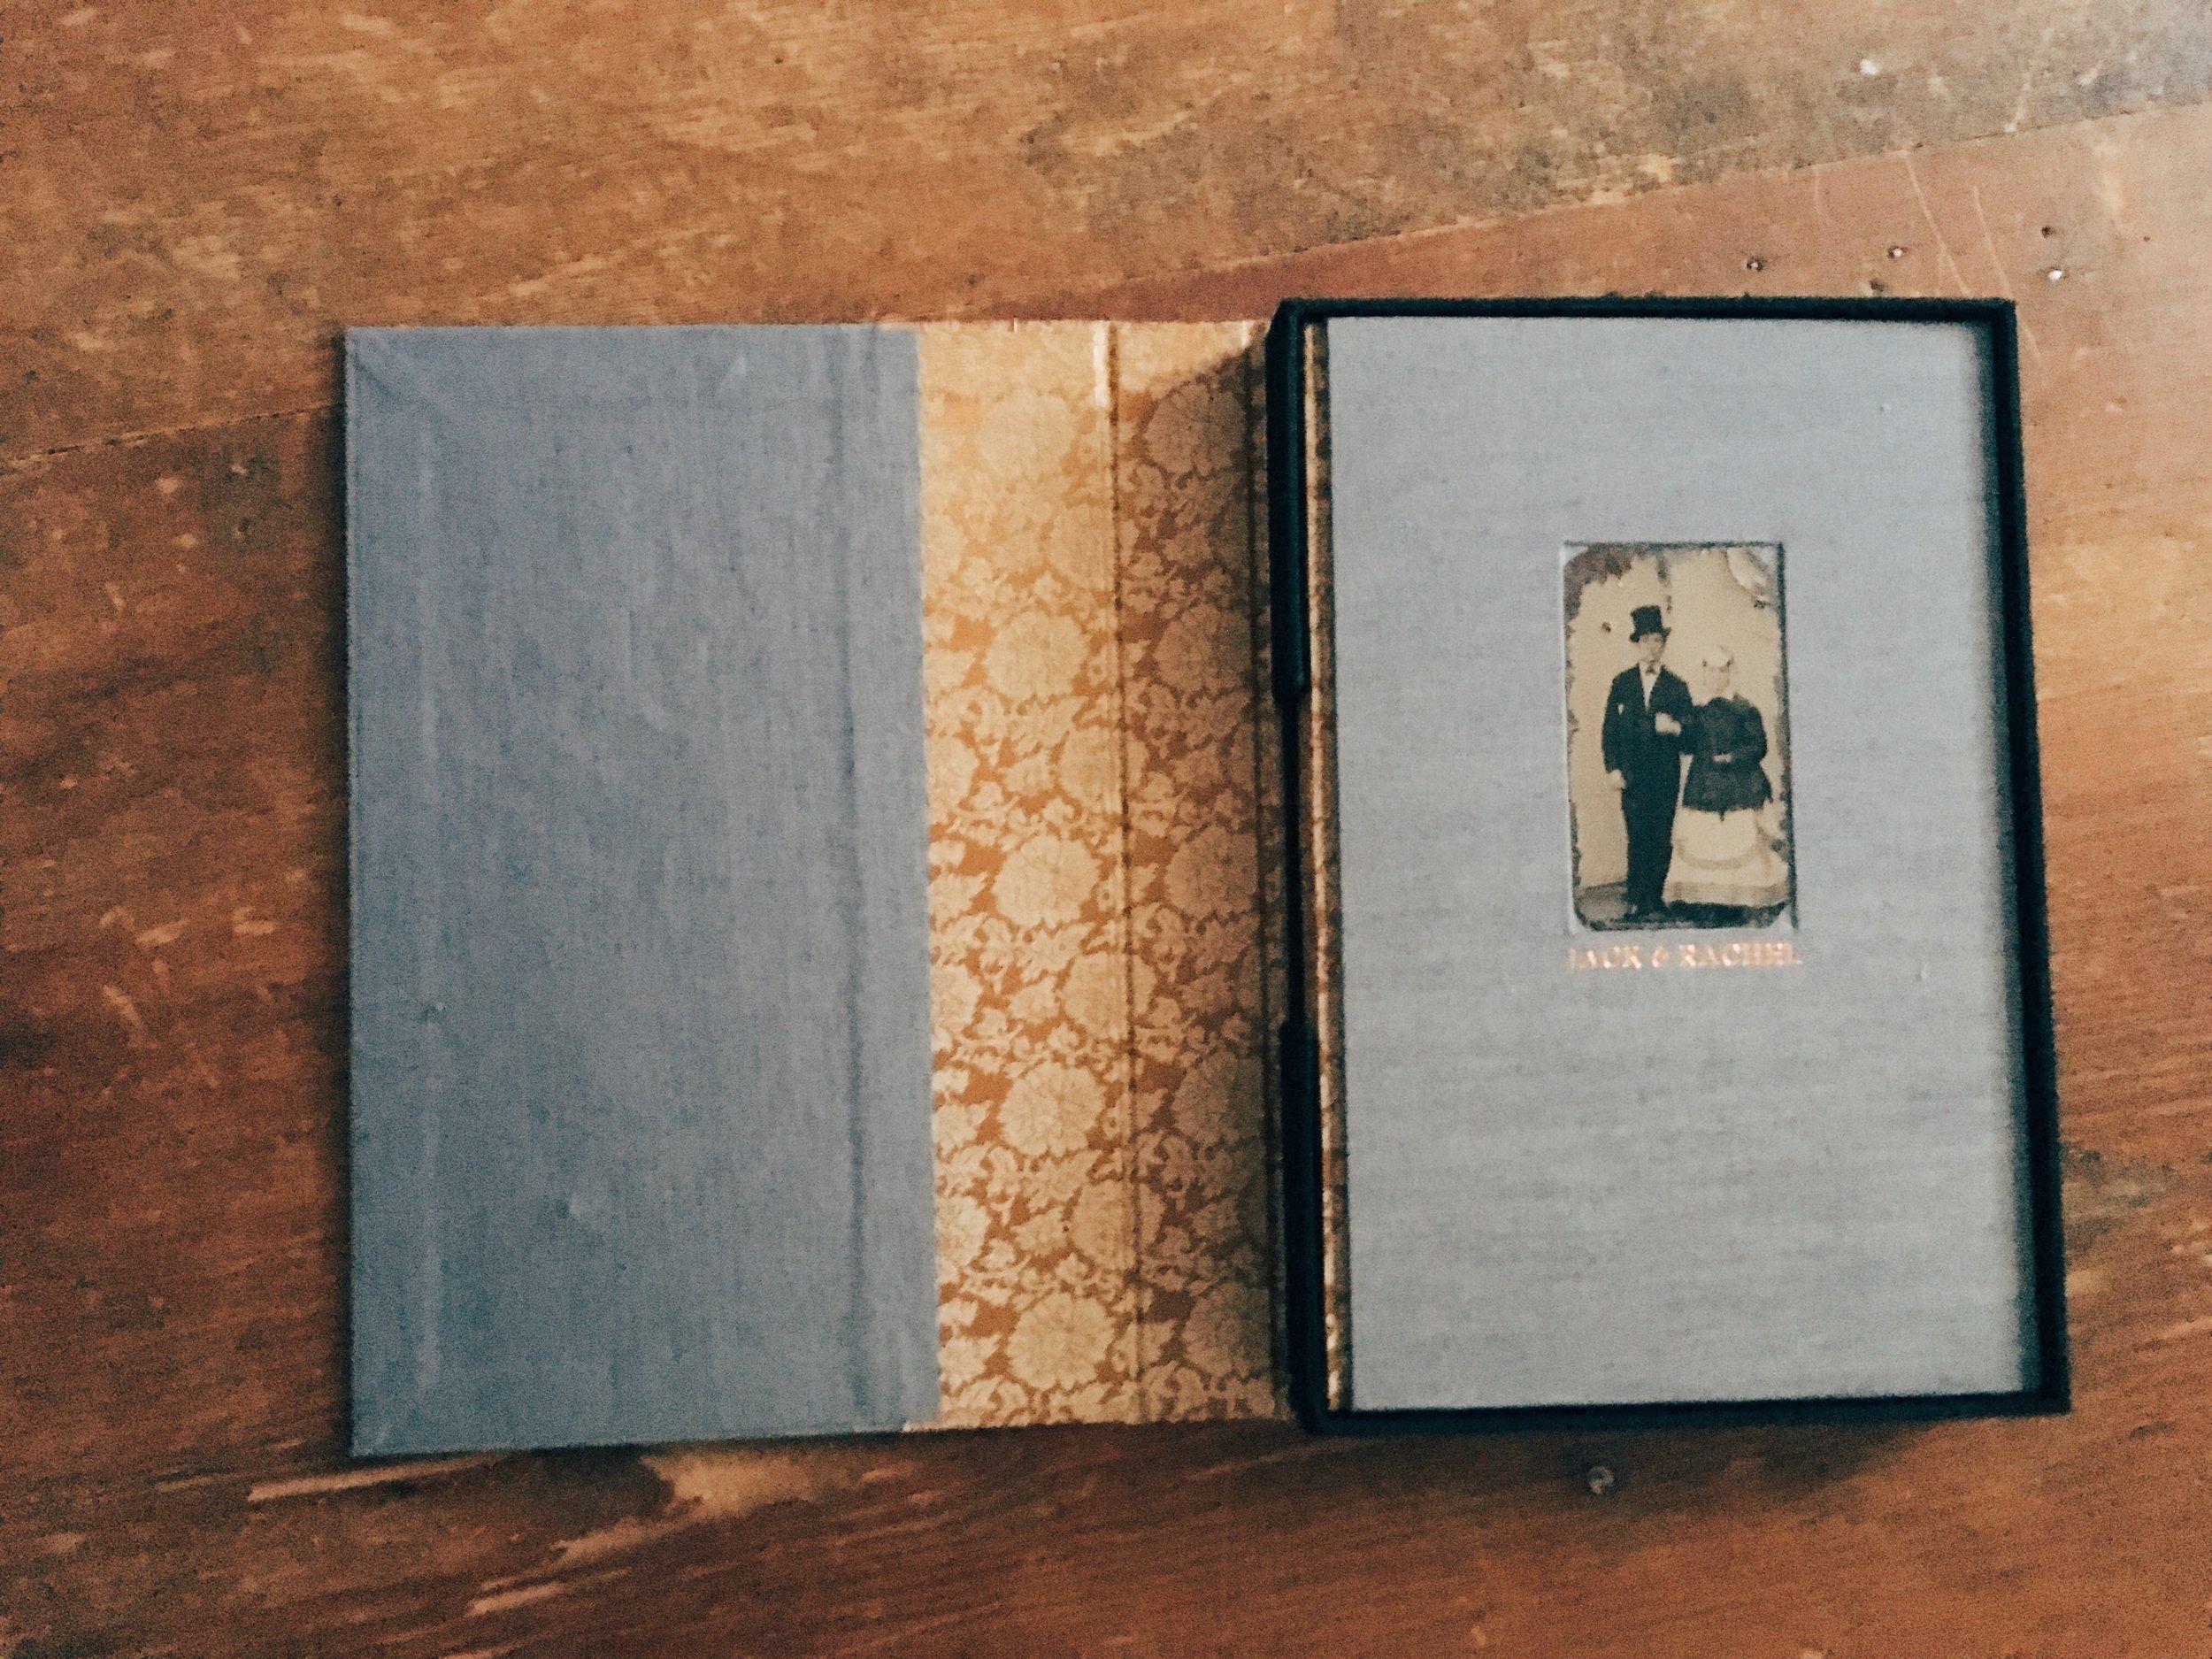 dski-design-custom-wedding-guest-book-3.jpg